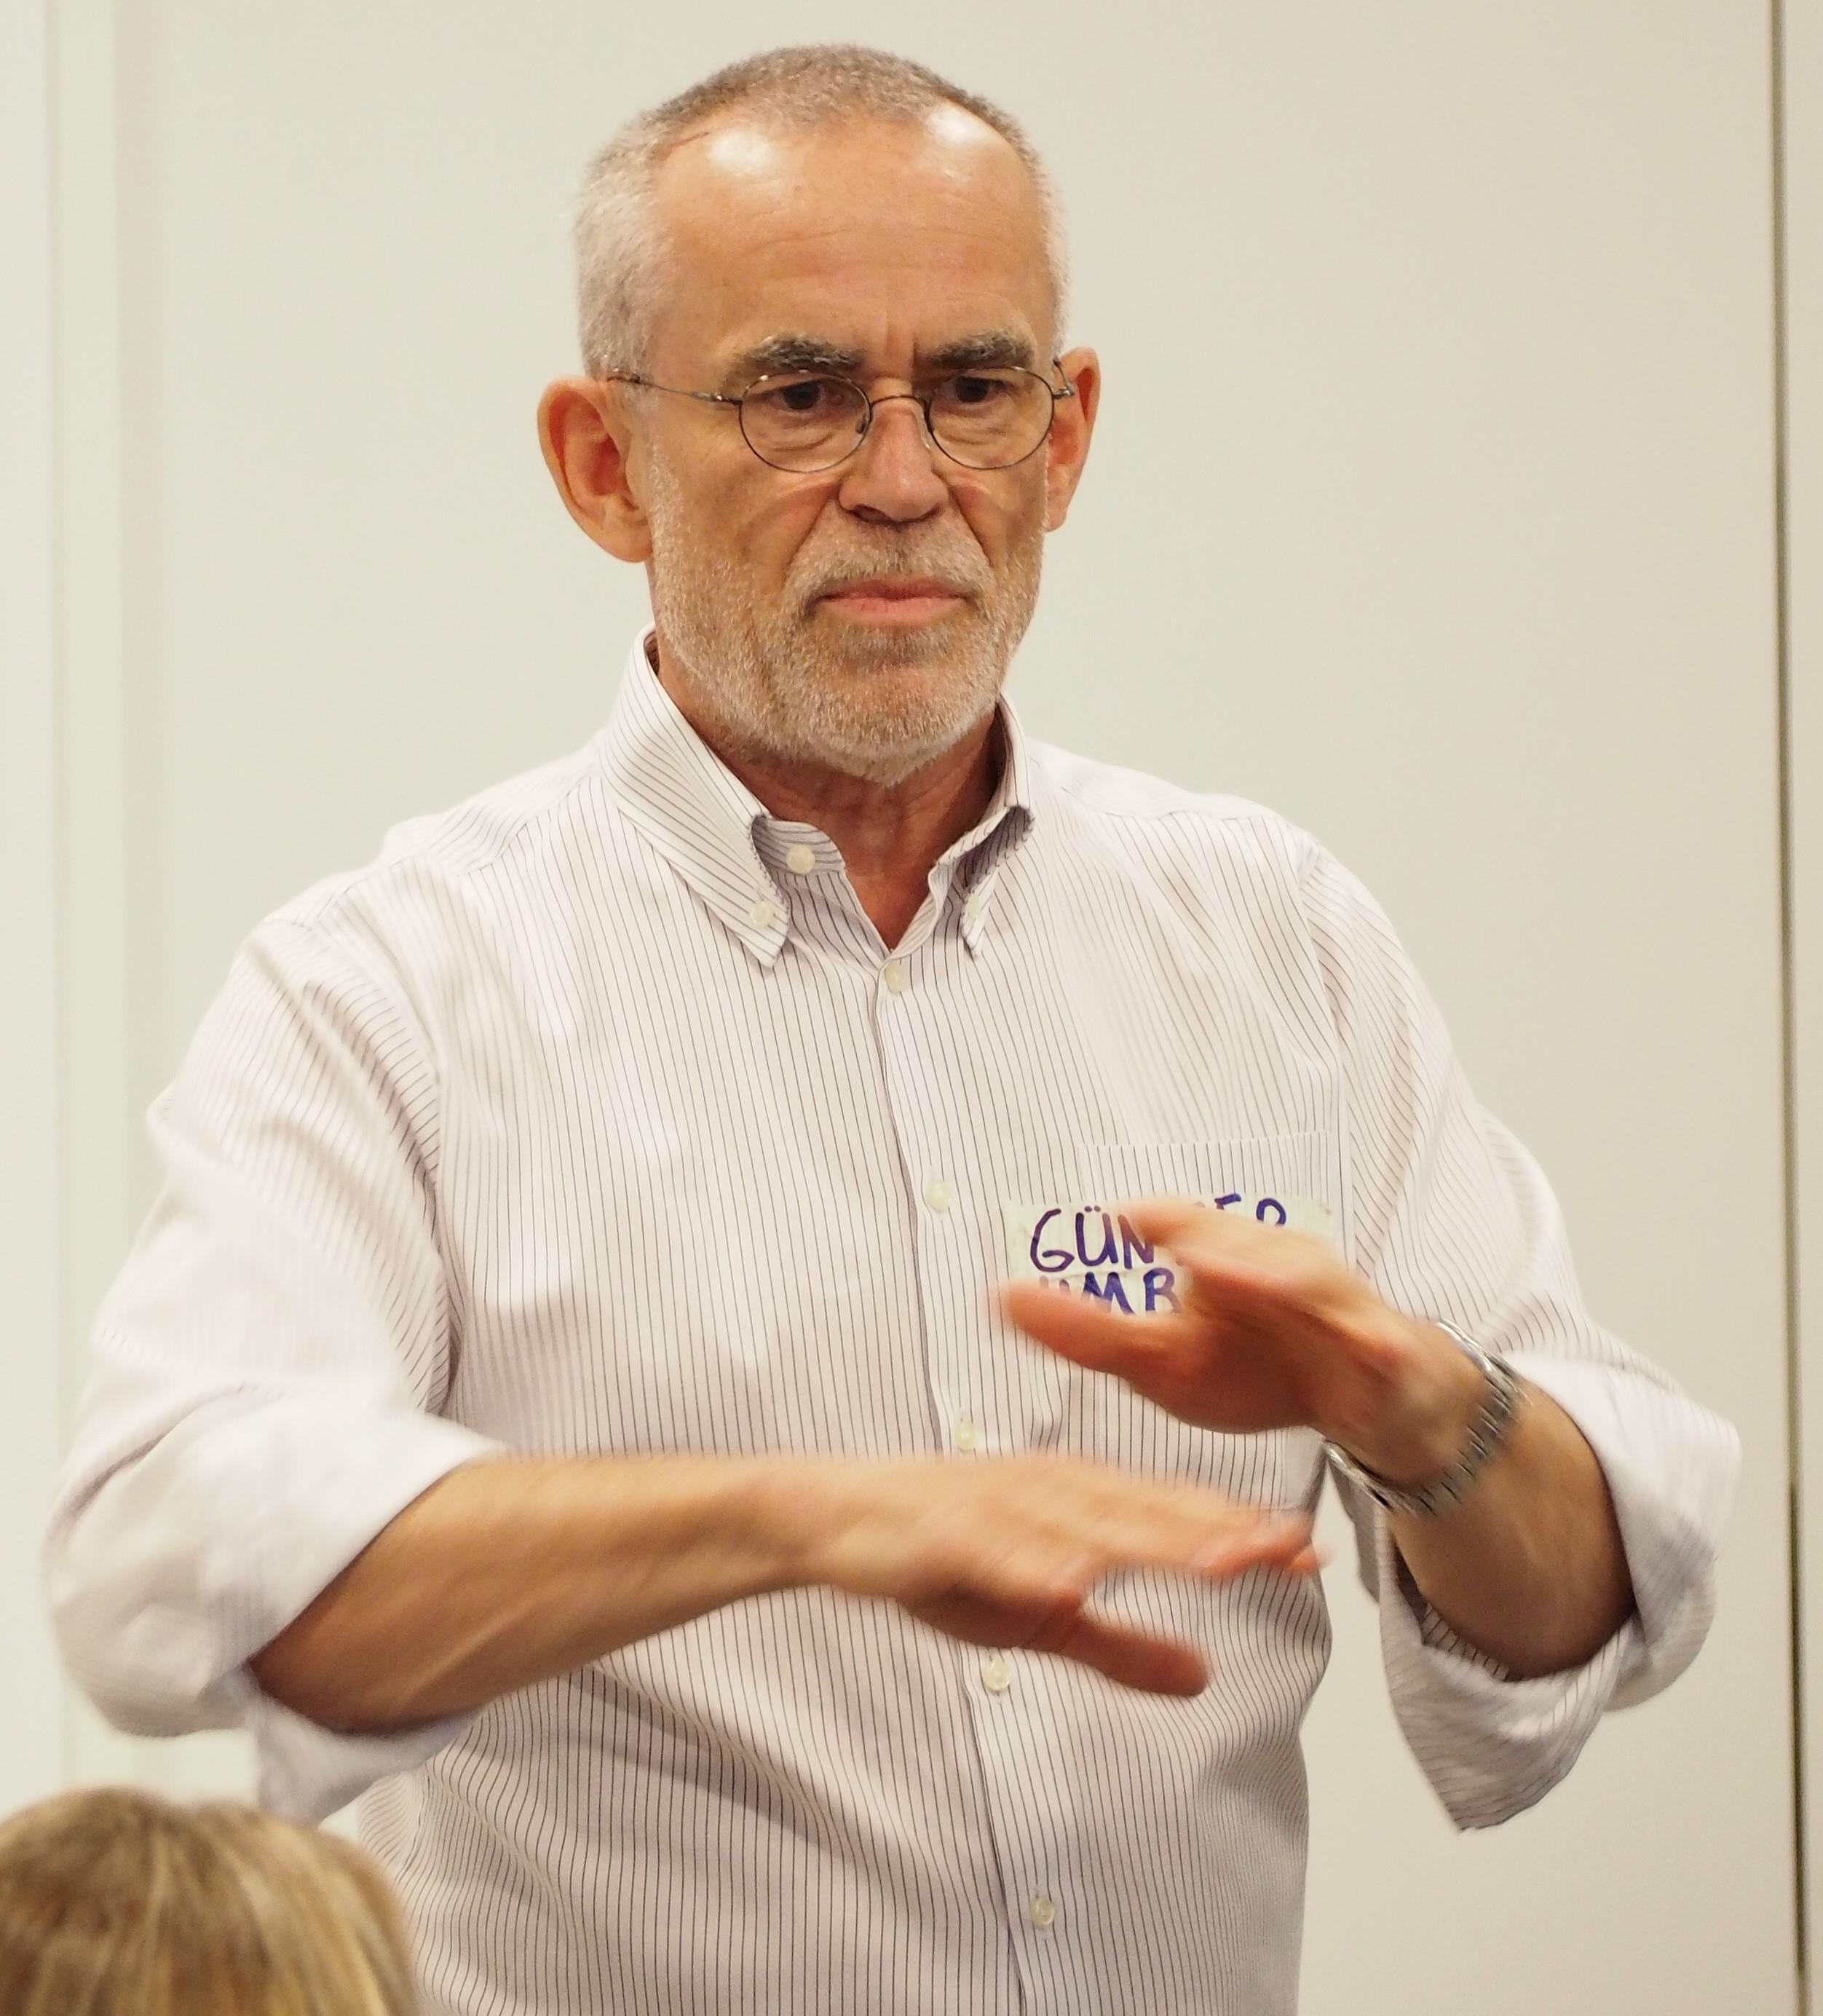 Umbach als Koordinator - MSL-Netzwerk für Medical Science Liaison Professionals